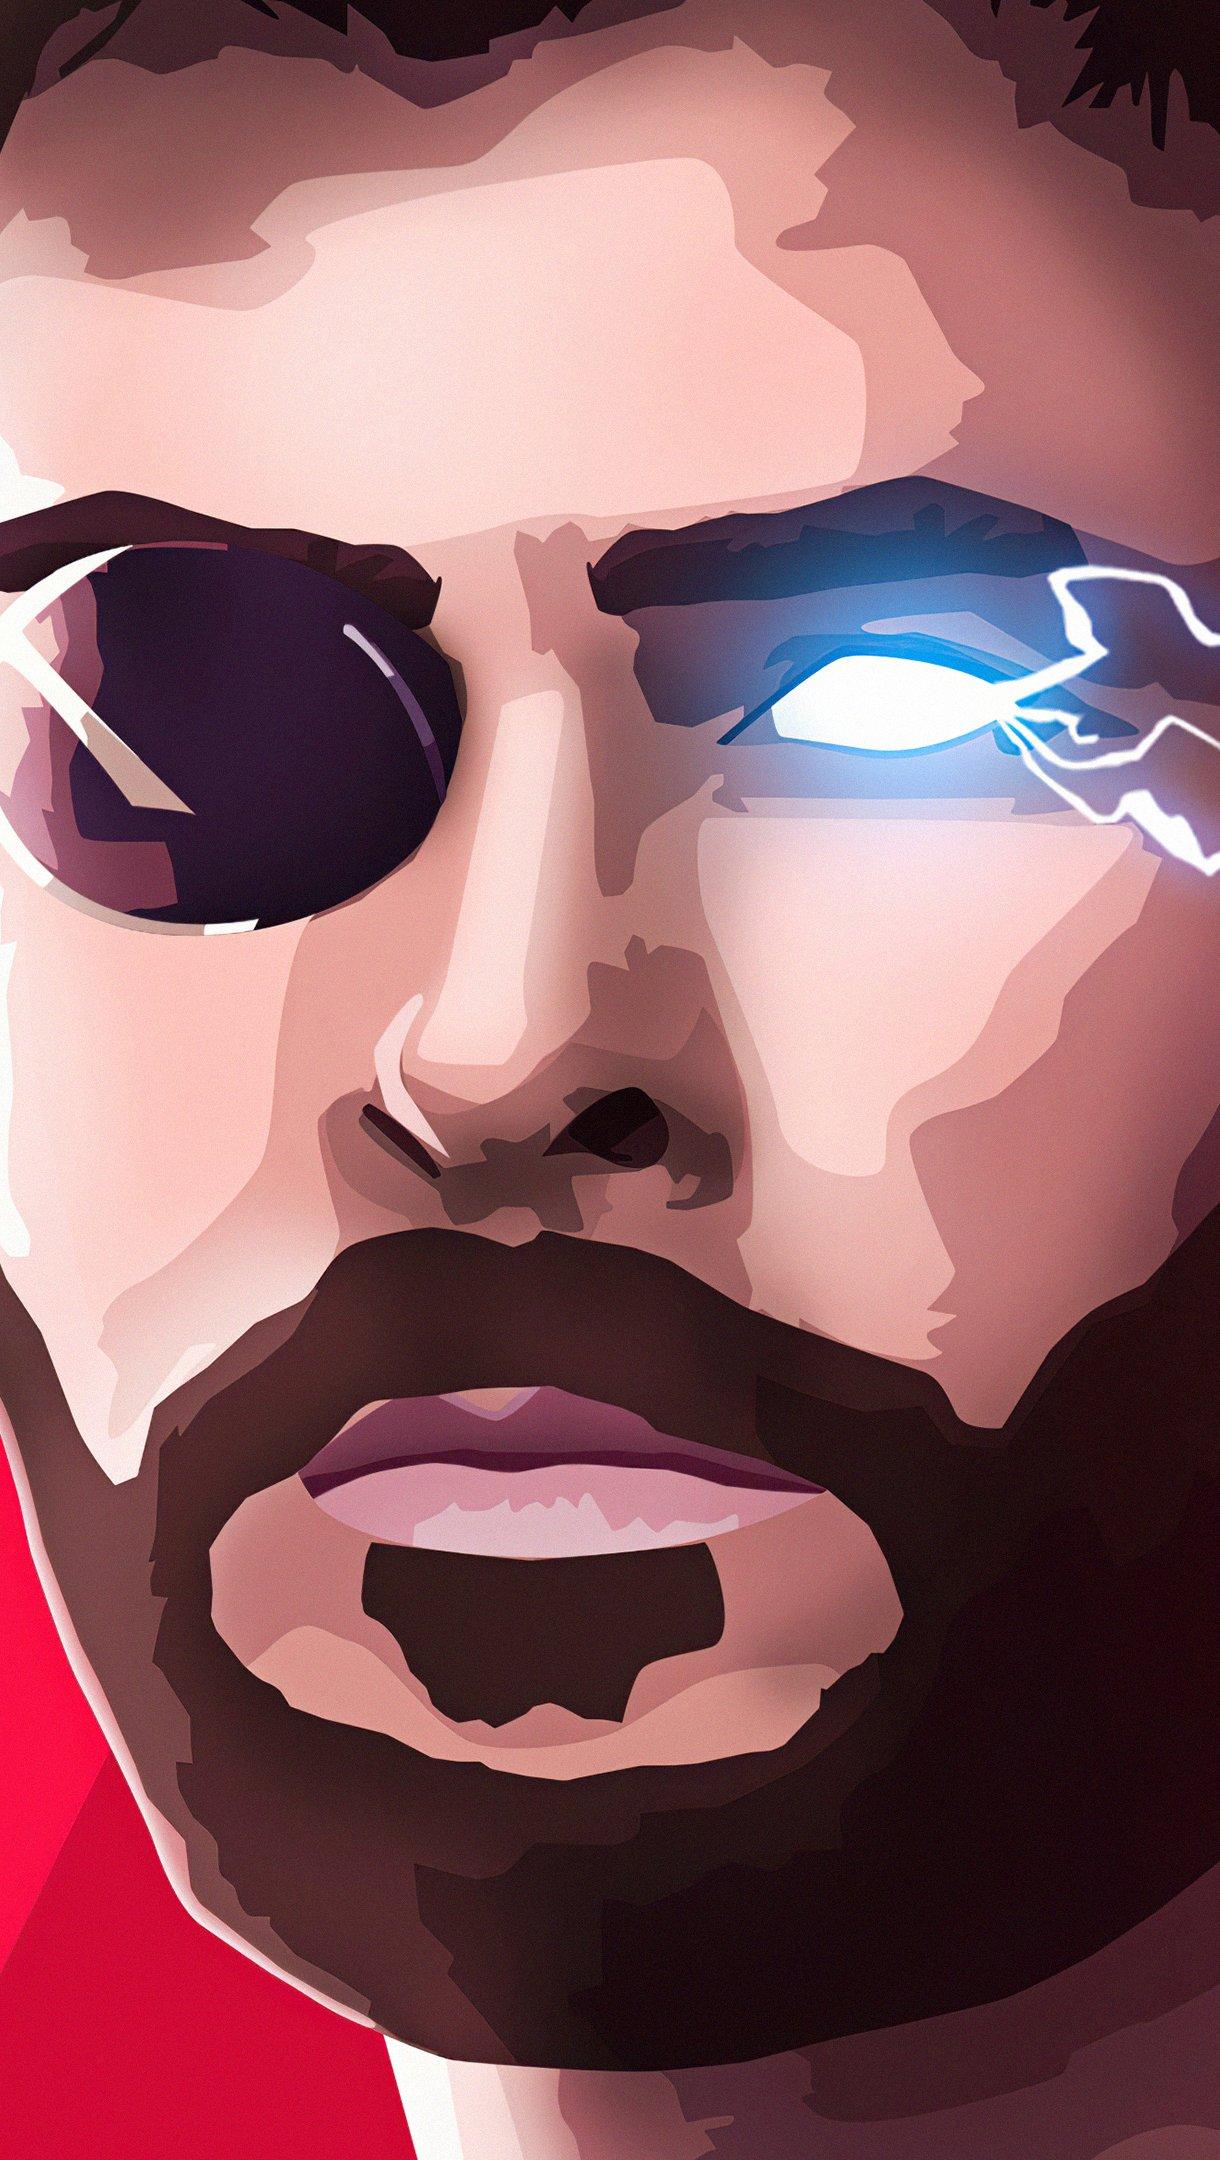 Fondos de pantalla Thor Avenger Infinity War Vertical